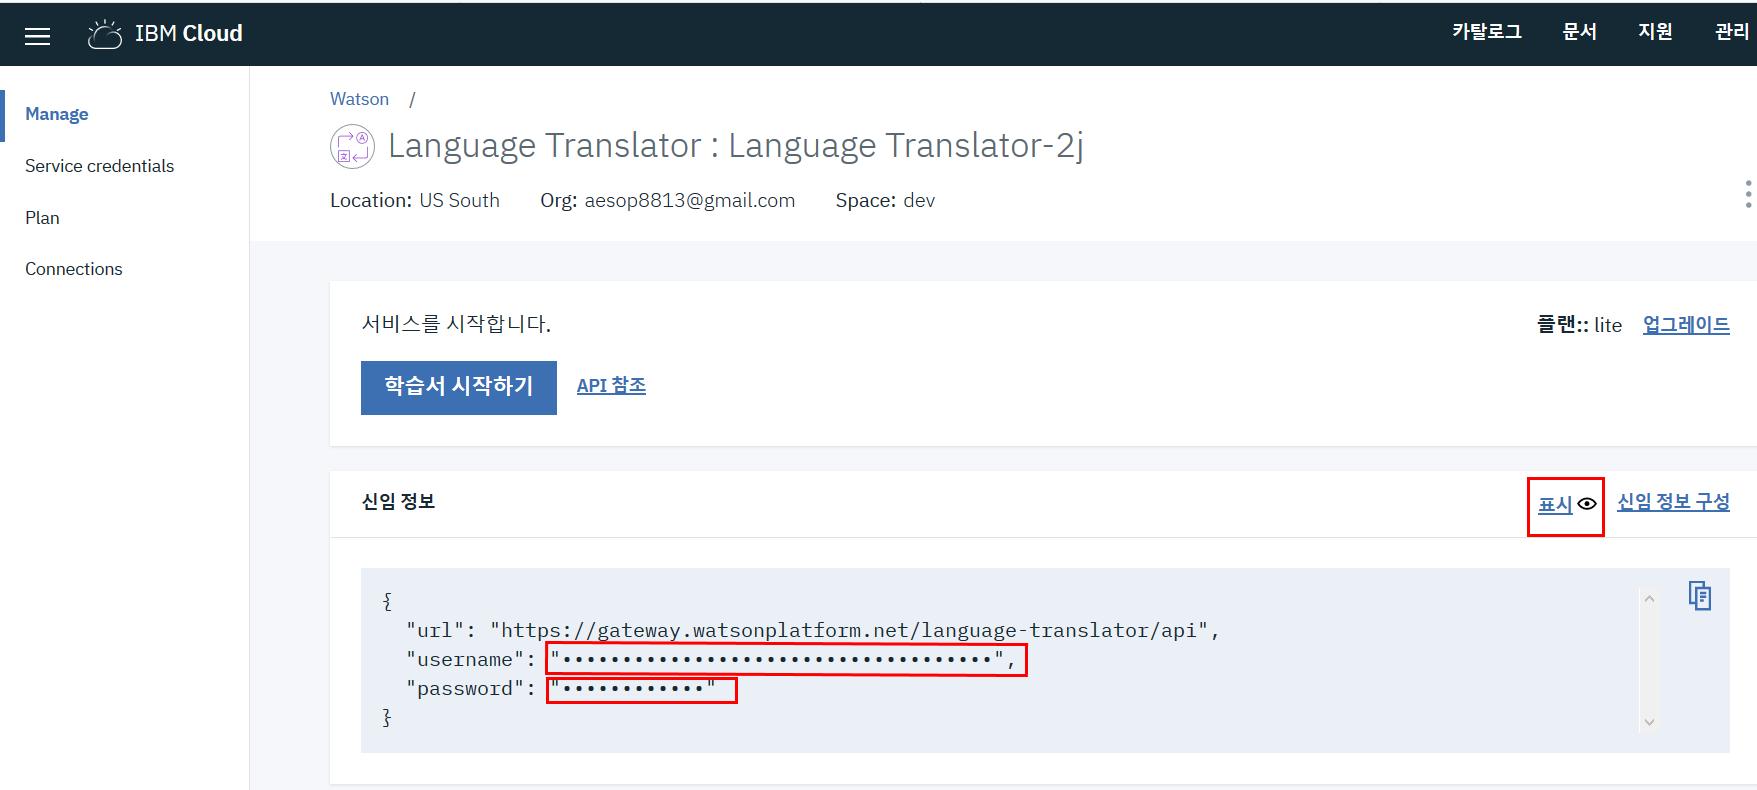 Watson_Language_Translator